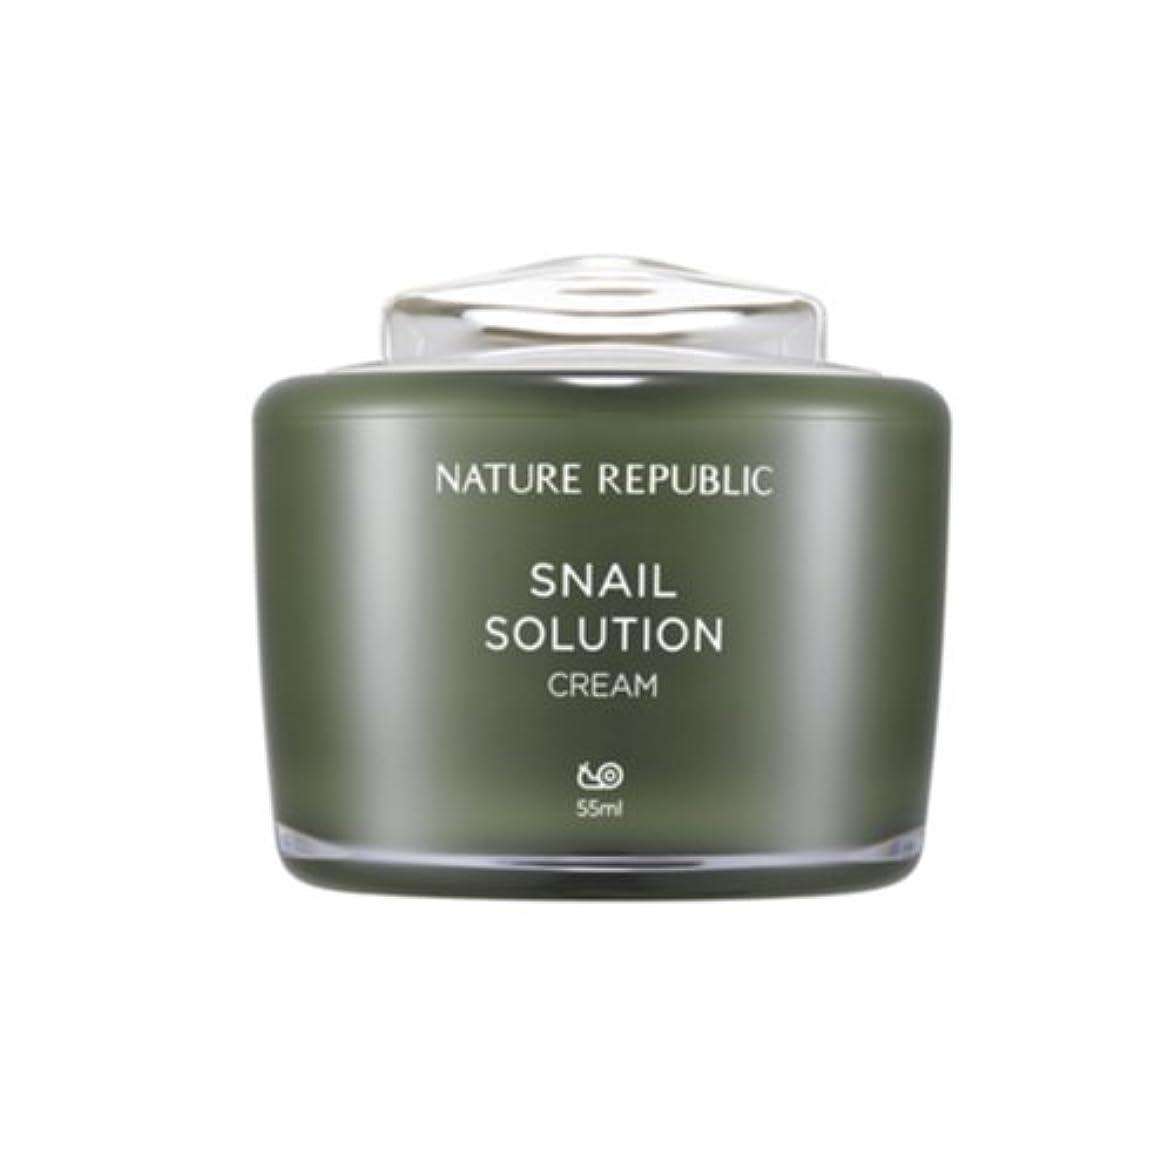 掻くましい満足できる[ネイチャーリパブリック] Nature republicスネイルソリューションクリーム海外直送品(Snail Solution Cream) [並行輸入品]